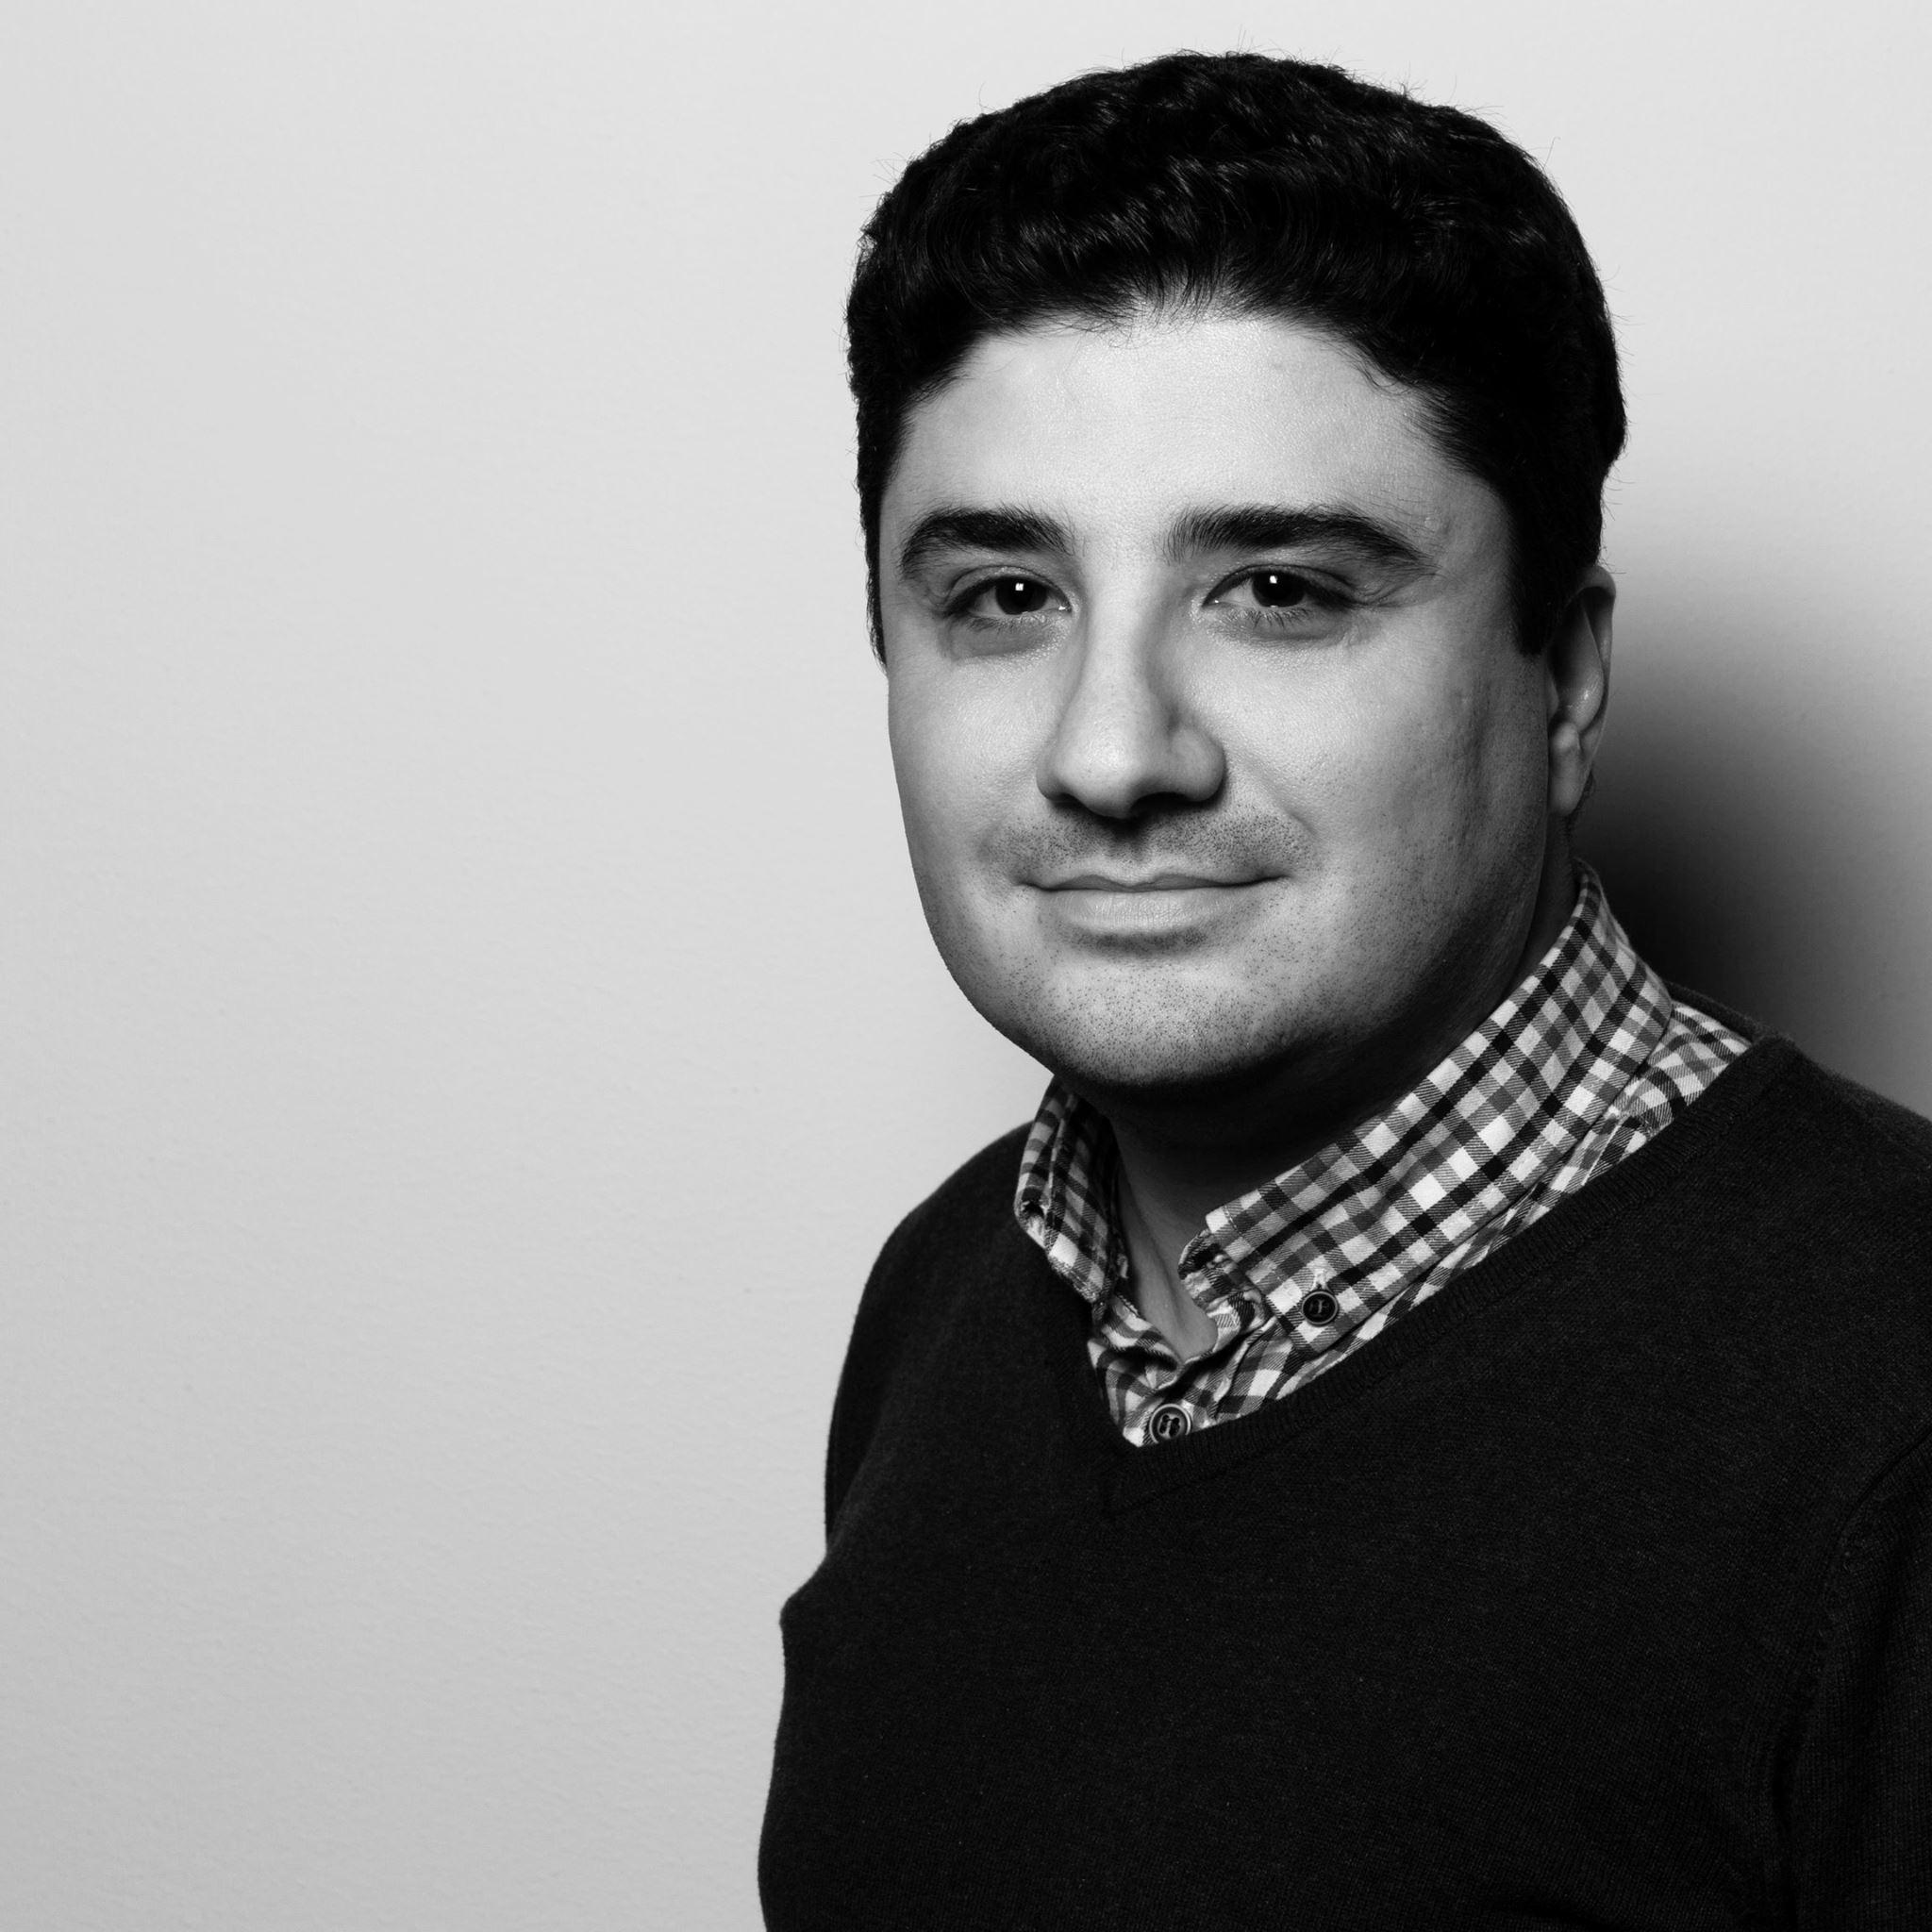 Mahdi Mahdavi Amjad